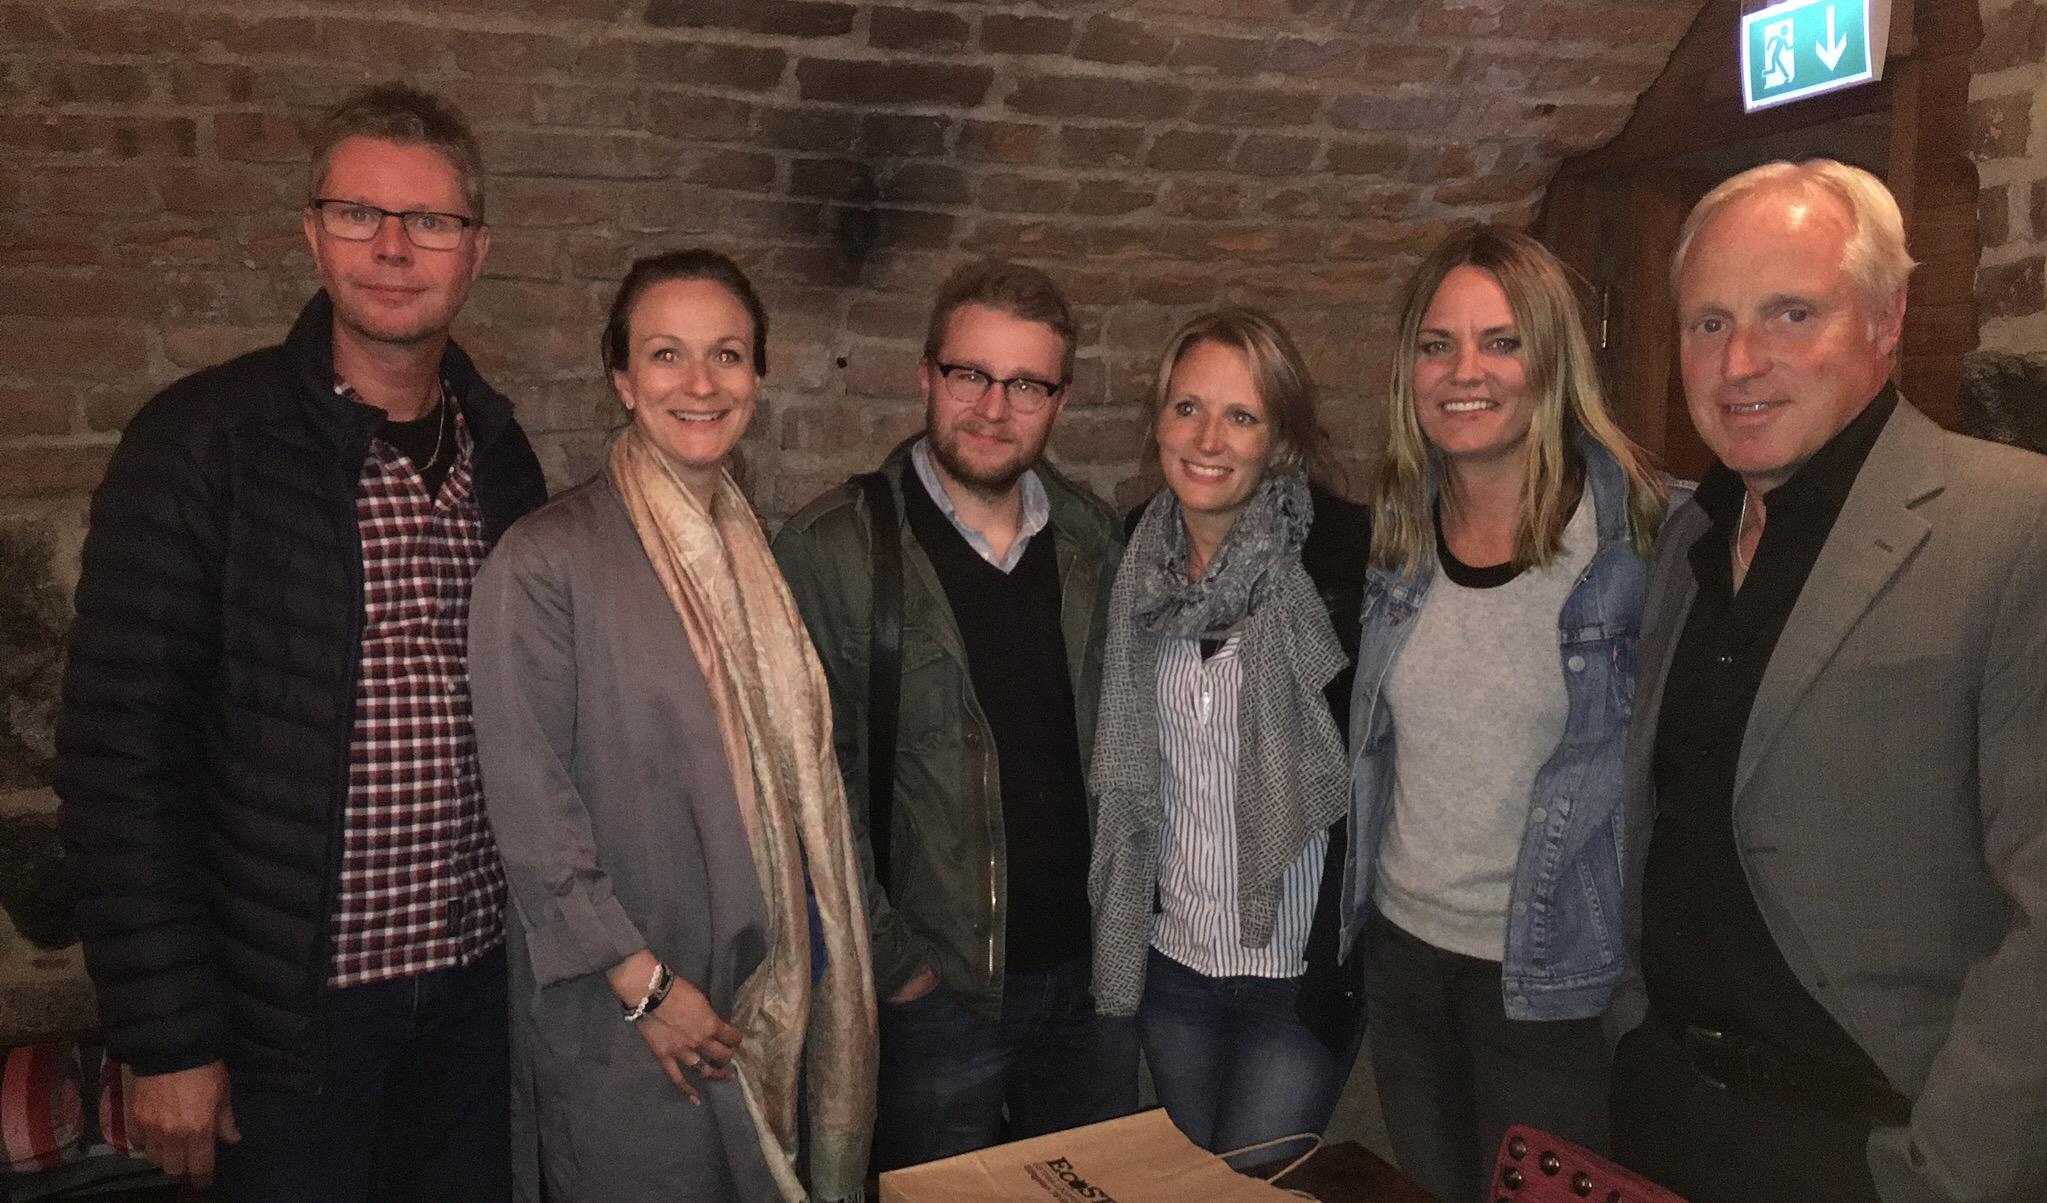 Delar av nya SSF-styrelsen: Ulf Niklasson, Lena Sundqvist, Lars Folkesson, Lisa Edwinsson, Jenny Modin och Mats Olsson. Foto: Malin Christoffersson